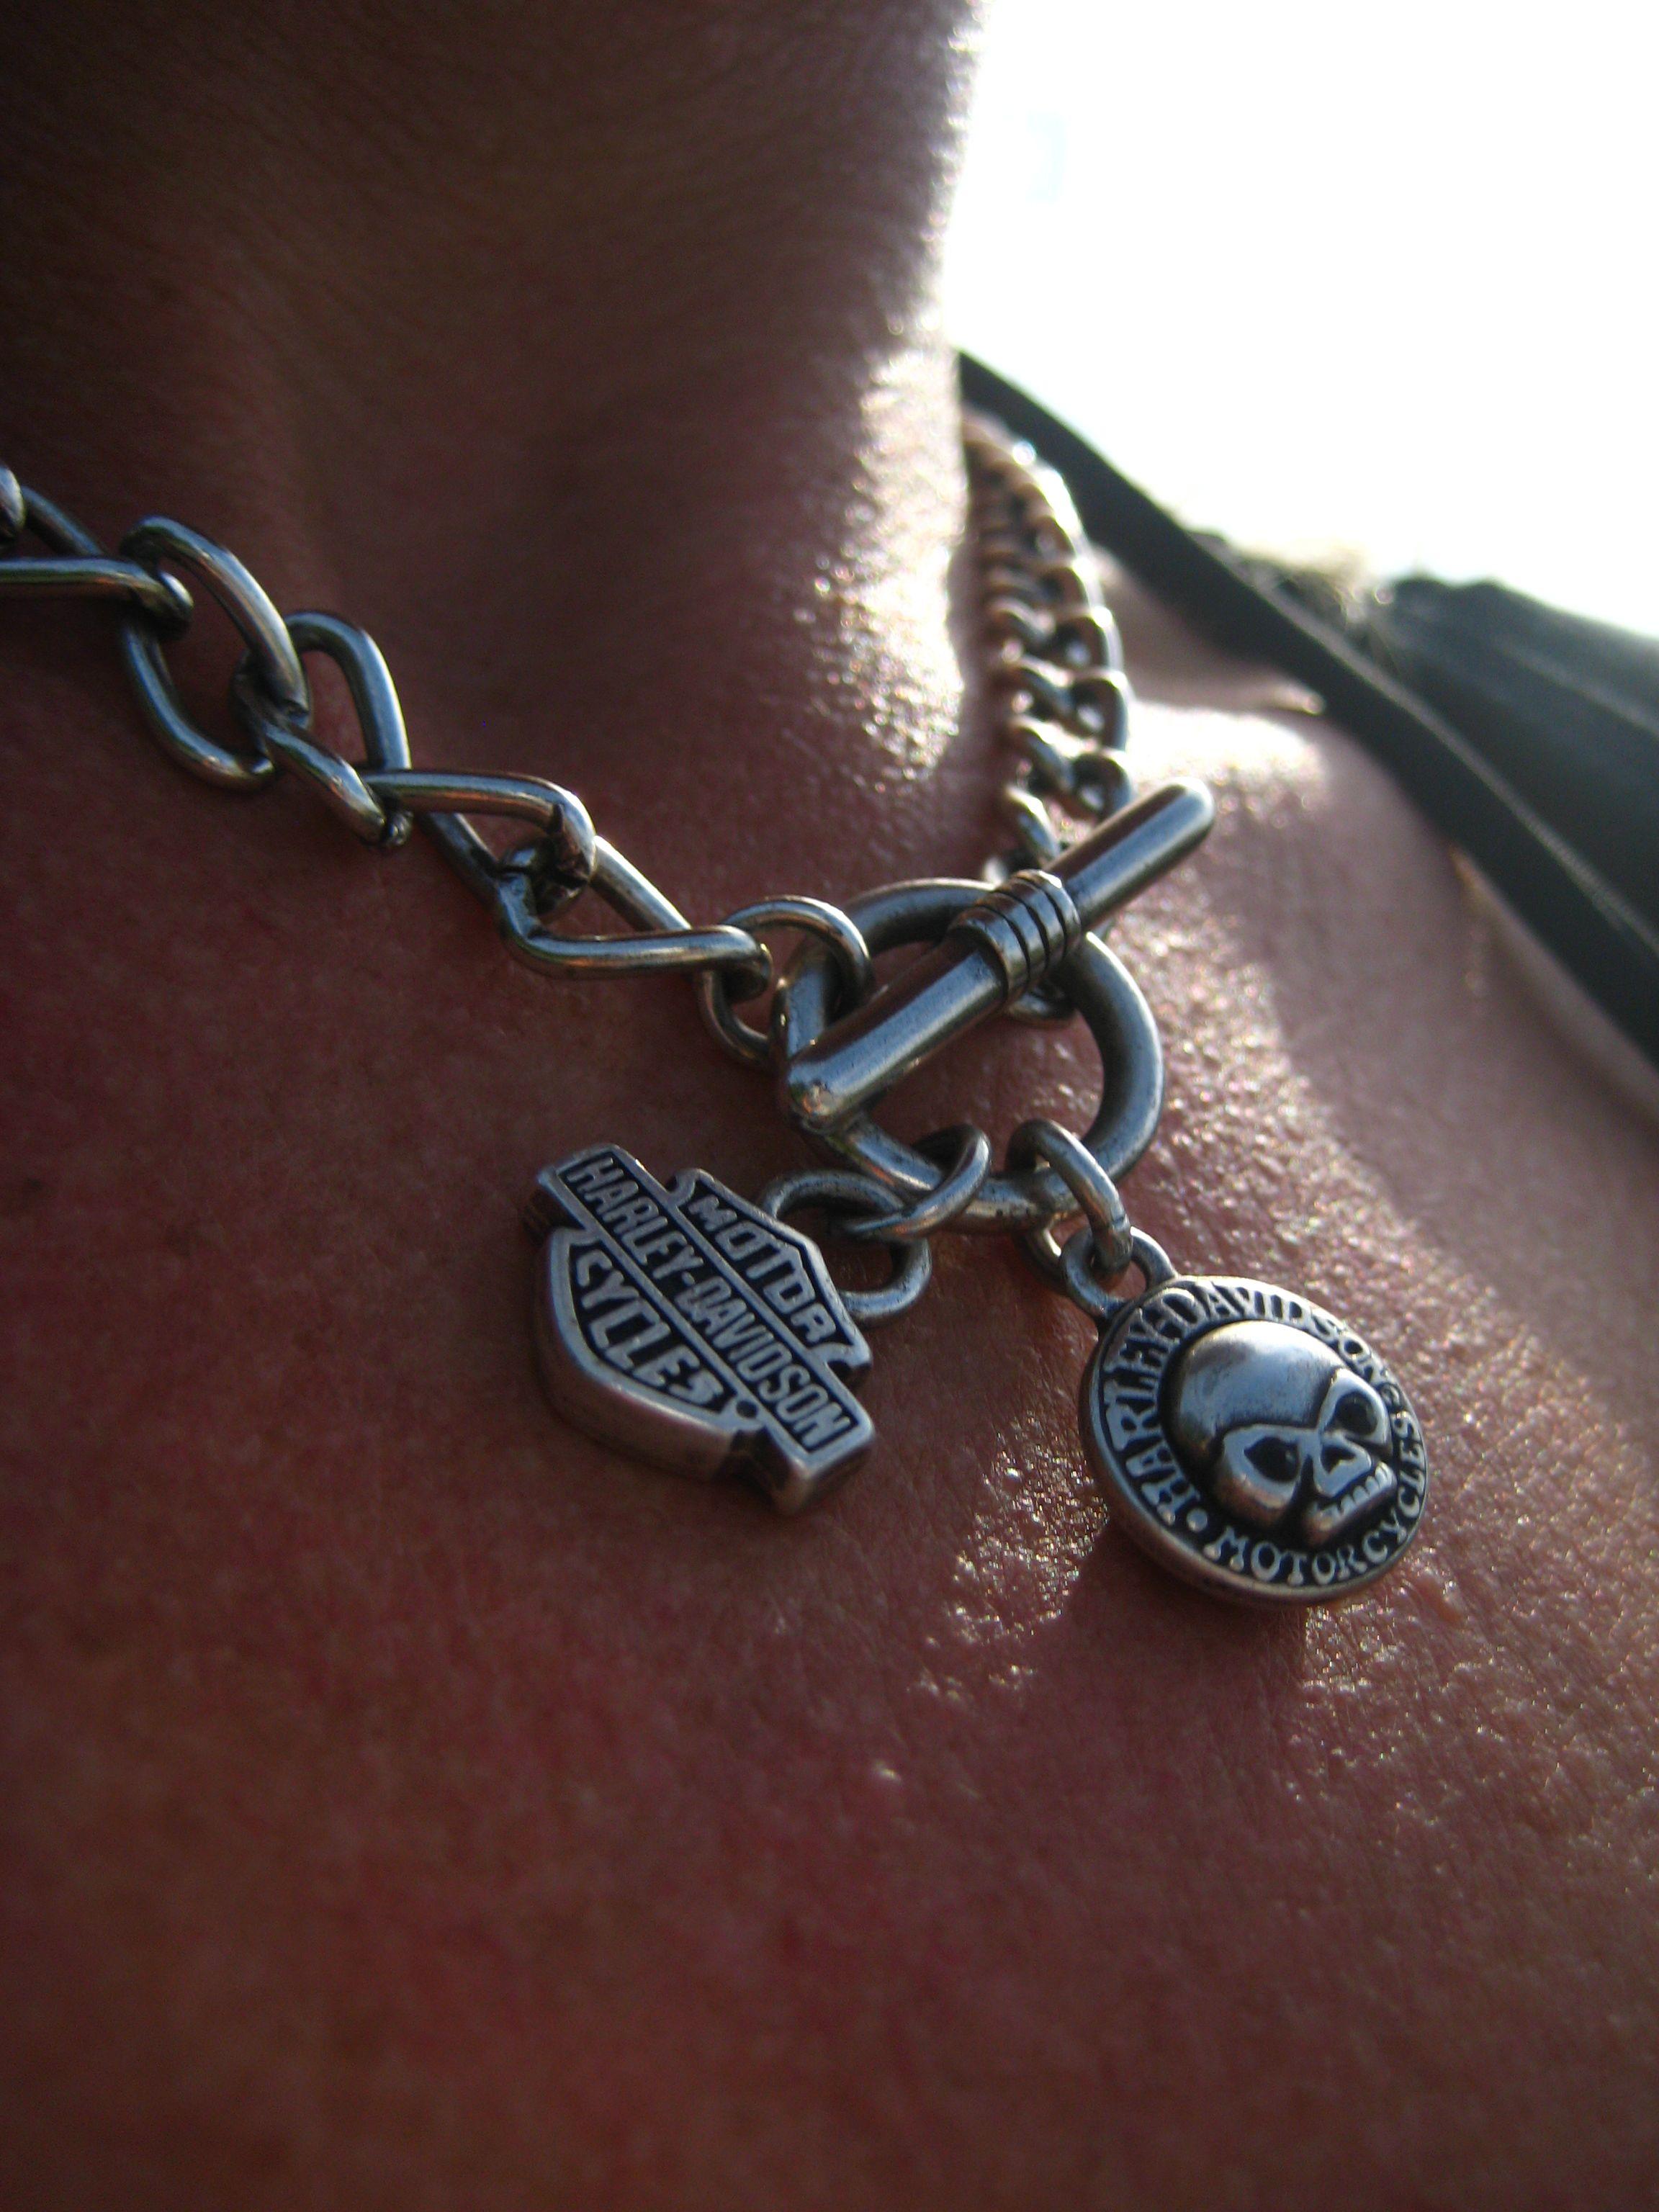 12+ Harley davidson jewelry near me info